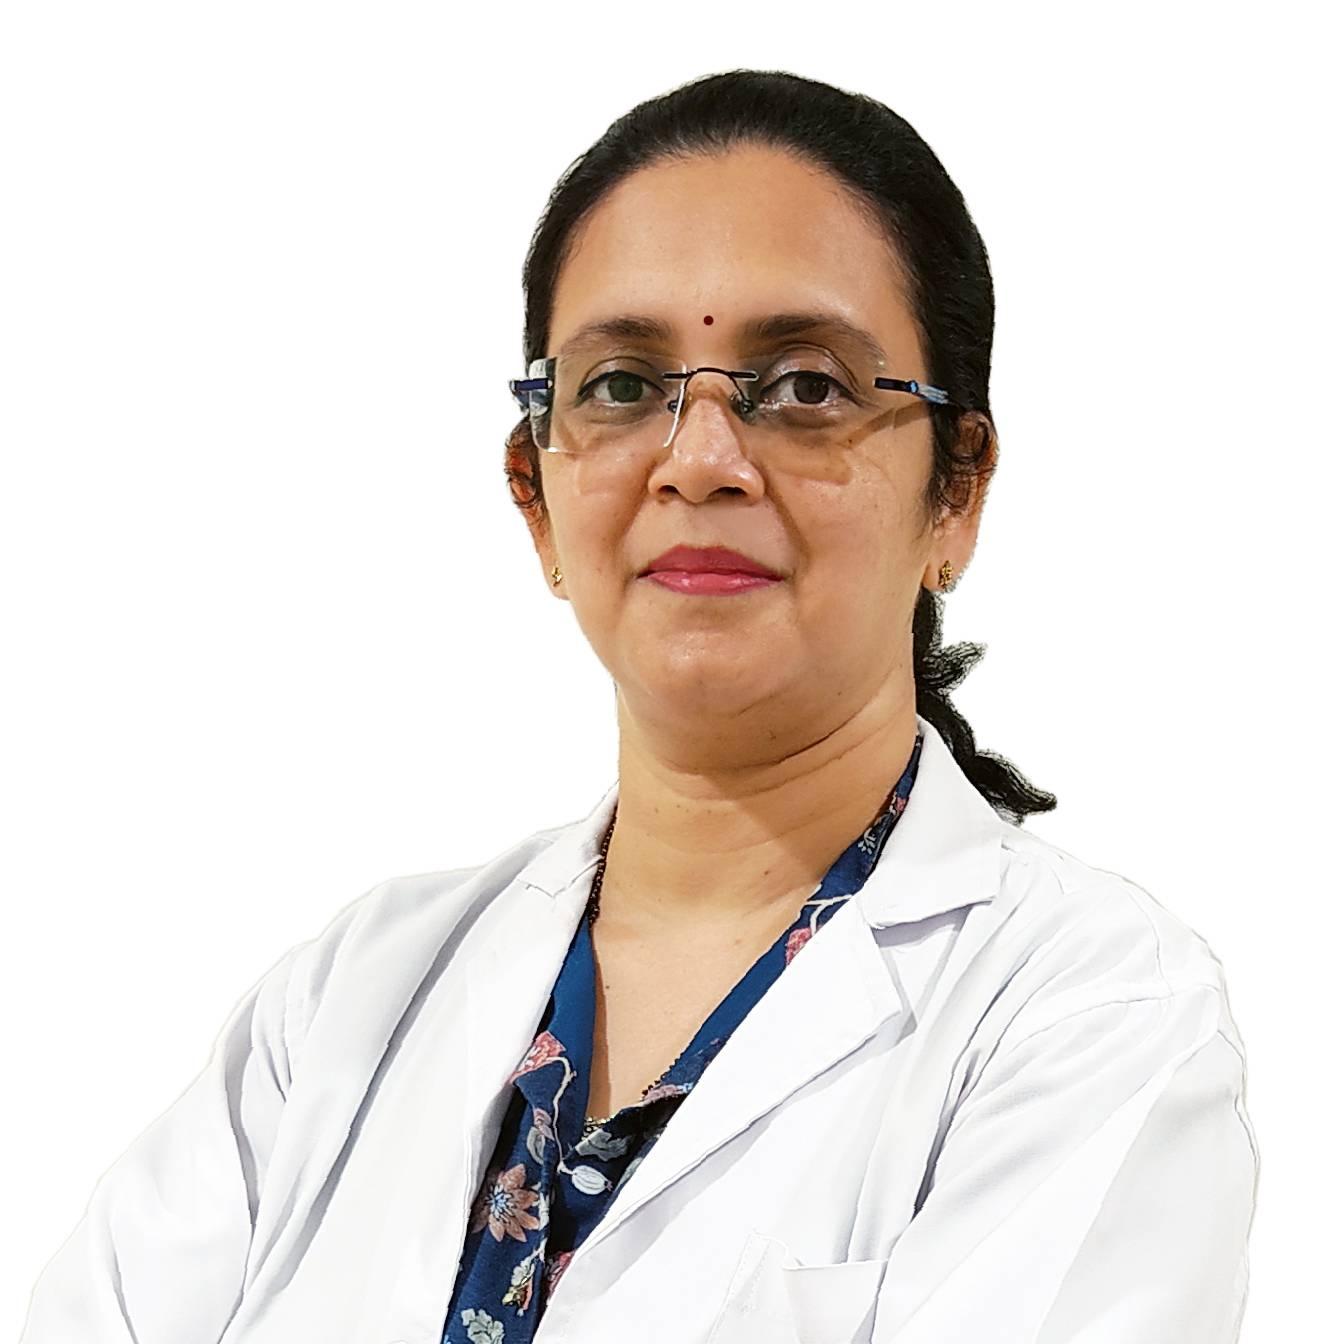 Dr. Sonal Kumta